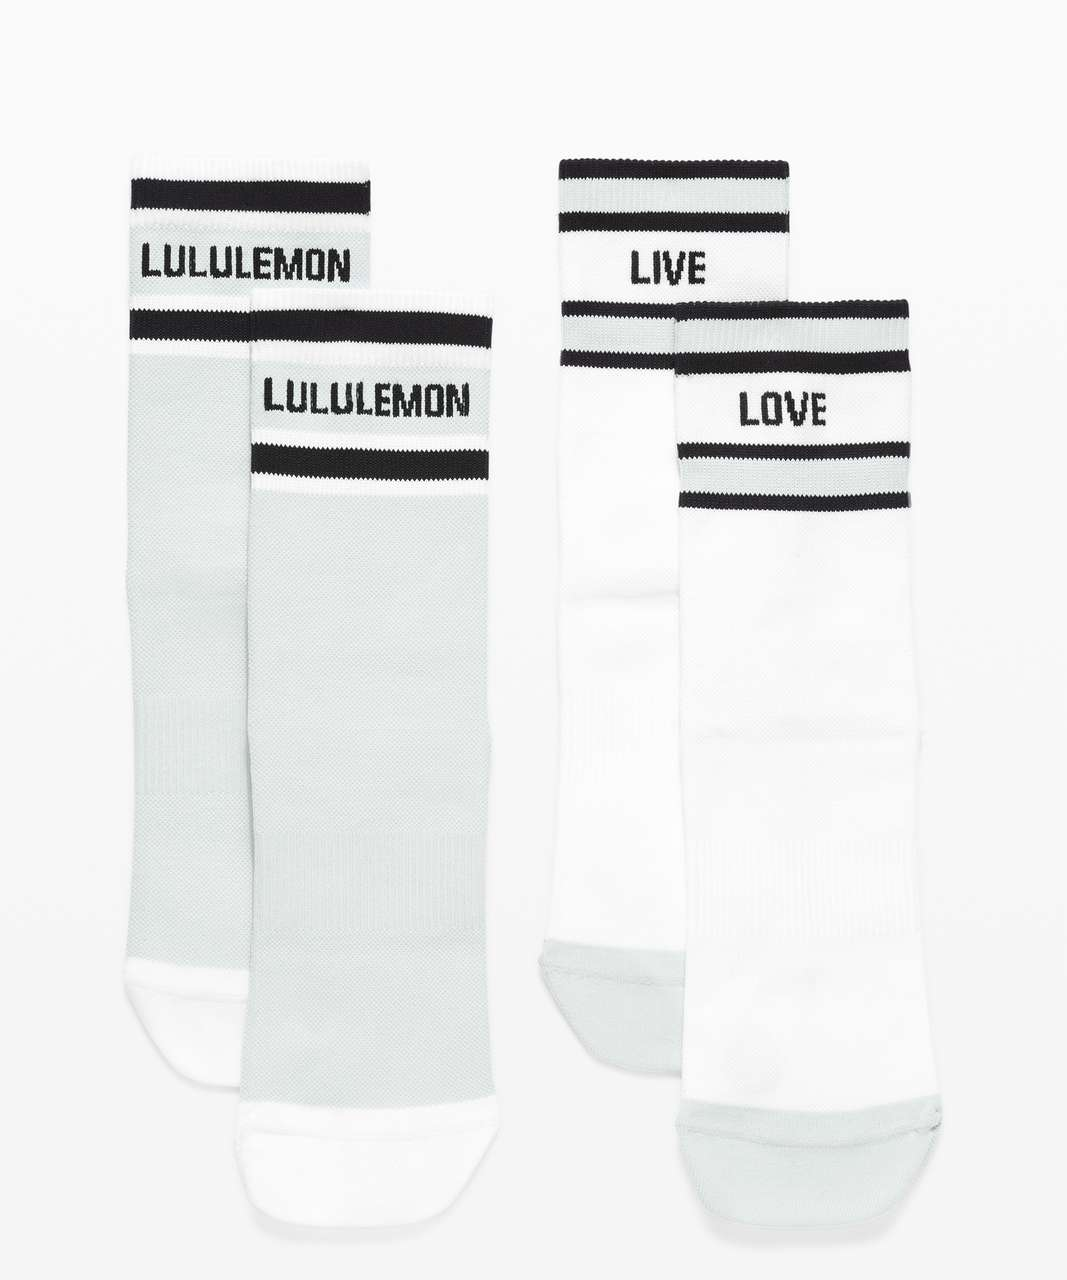 Lululemon Tale To Tell Quarter Sock *2 Pack - White / Black / Vapor